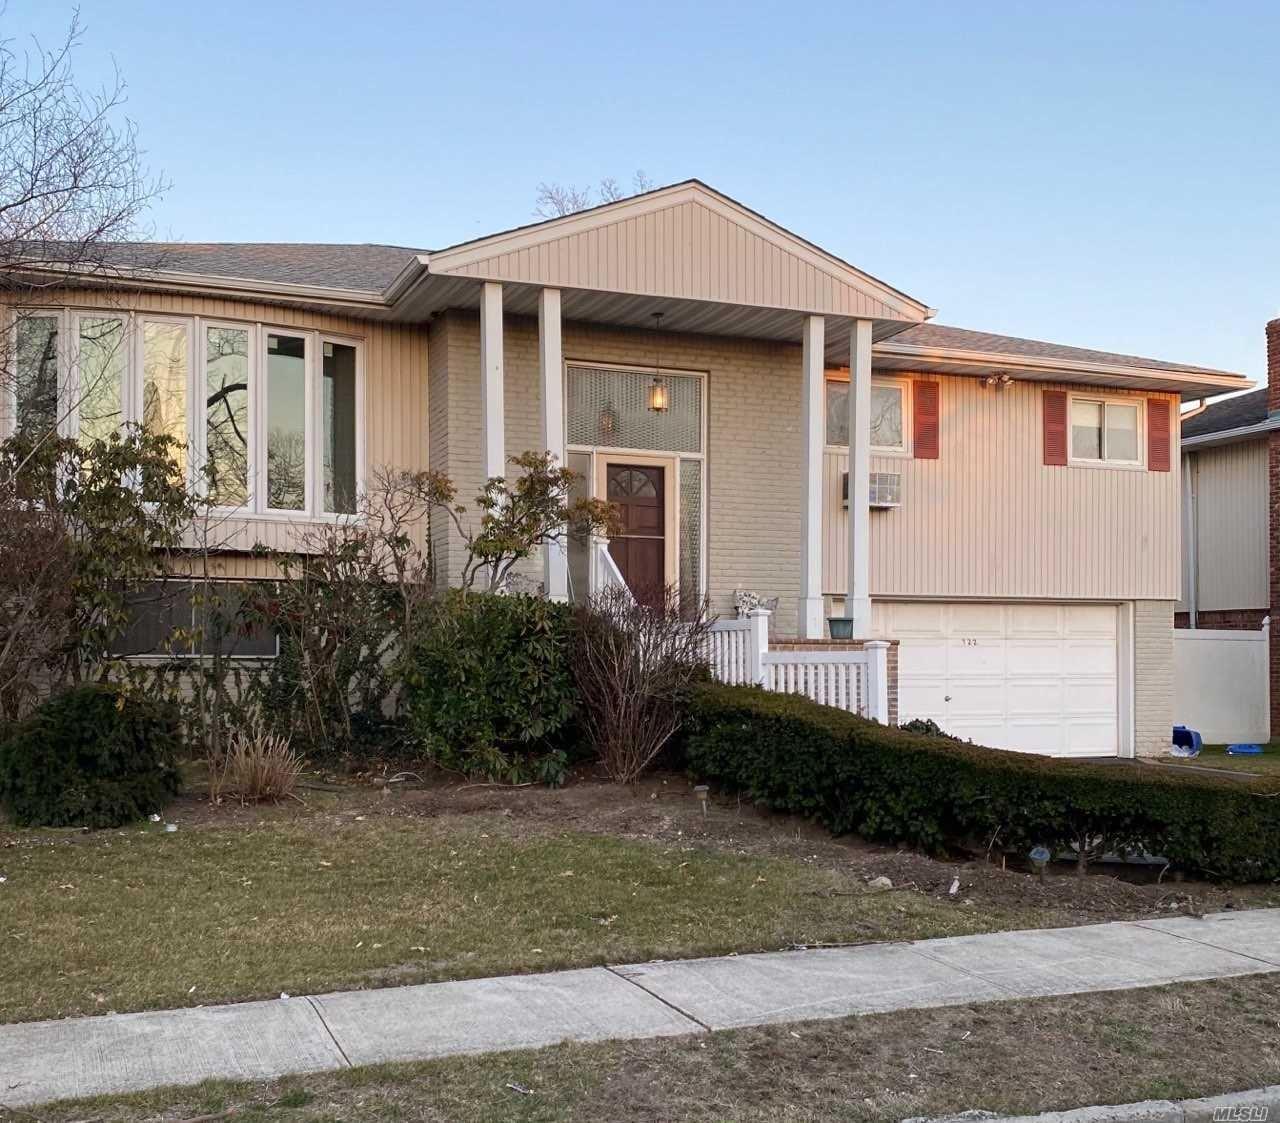 722 Turf Road, Hempstead, NY 11581 - MLS#: 3206974